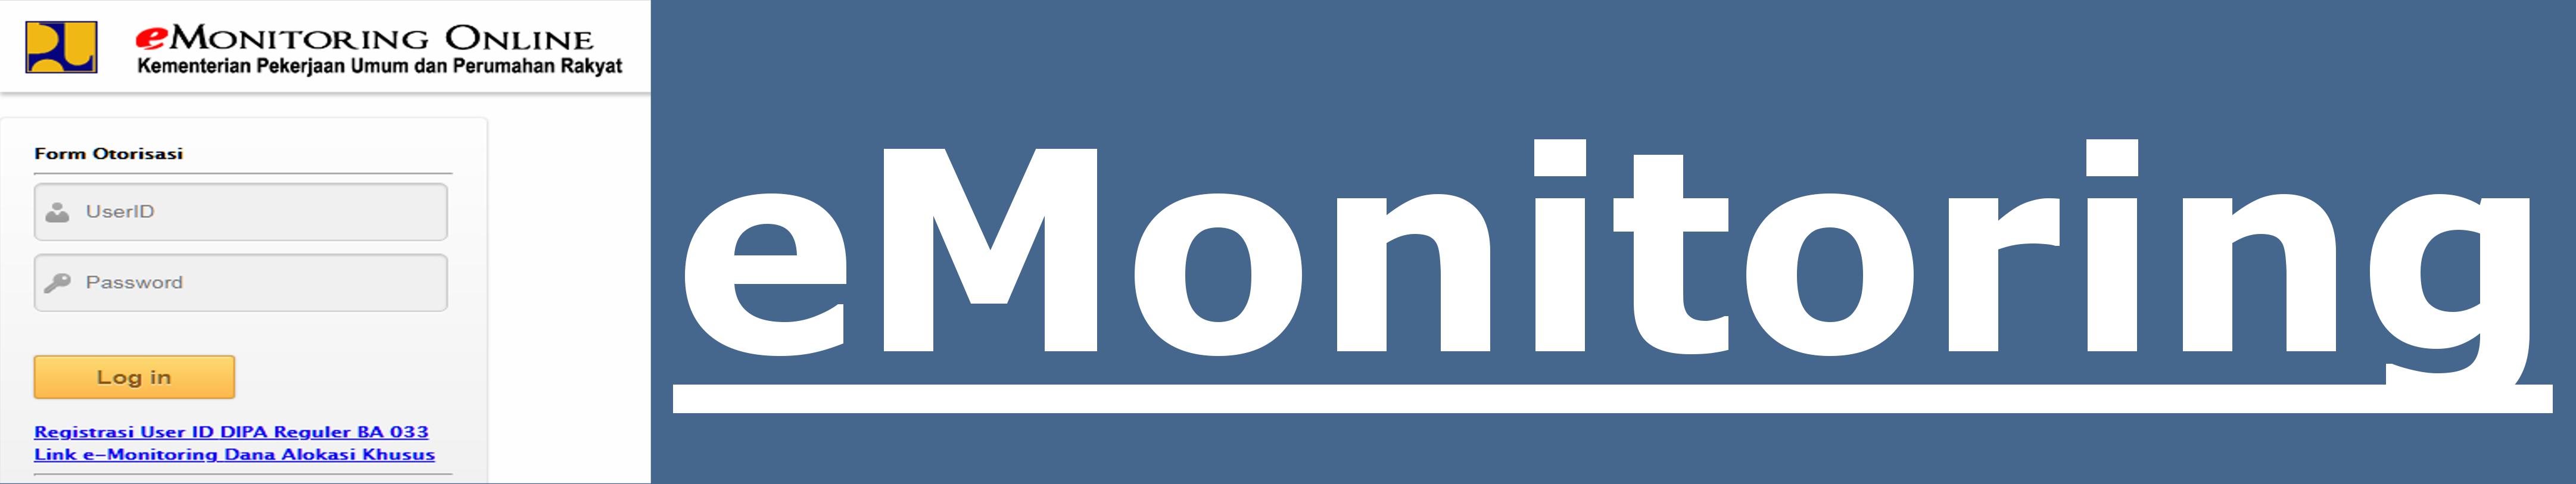 eMonitoring